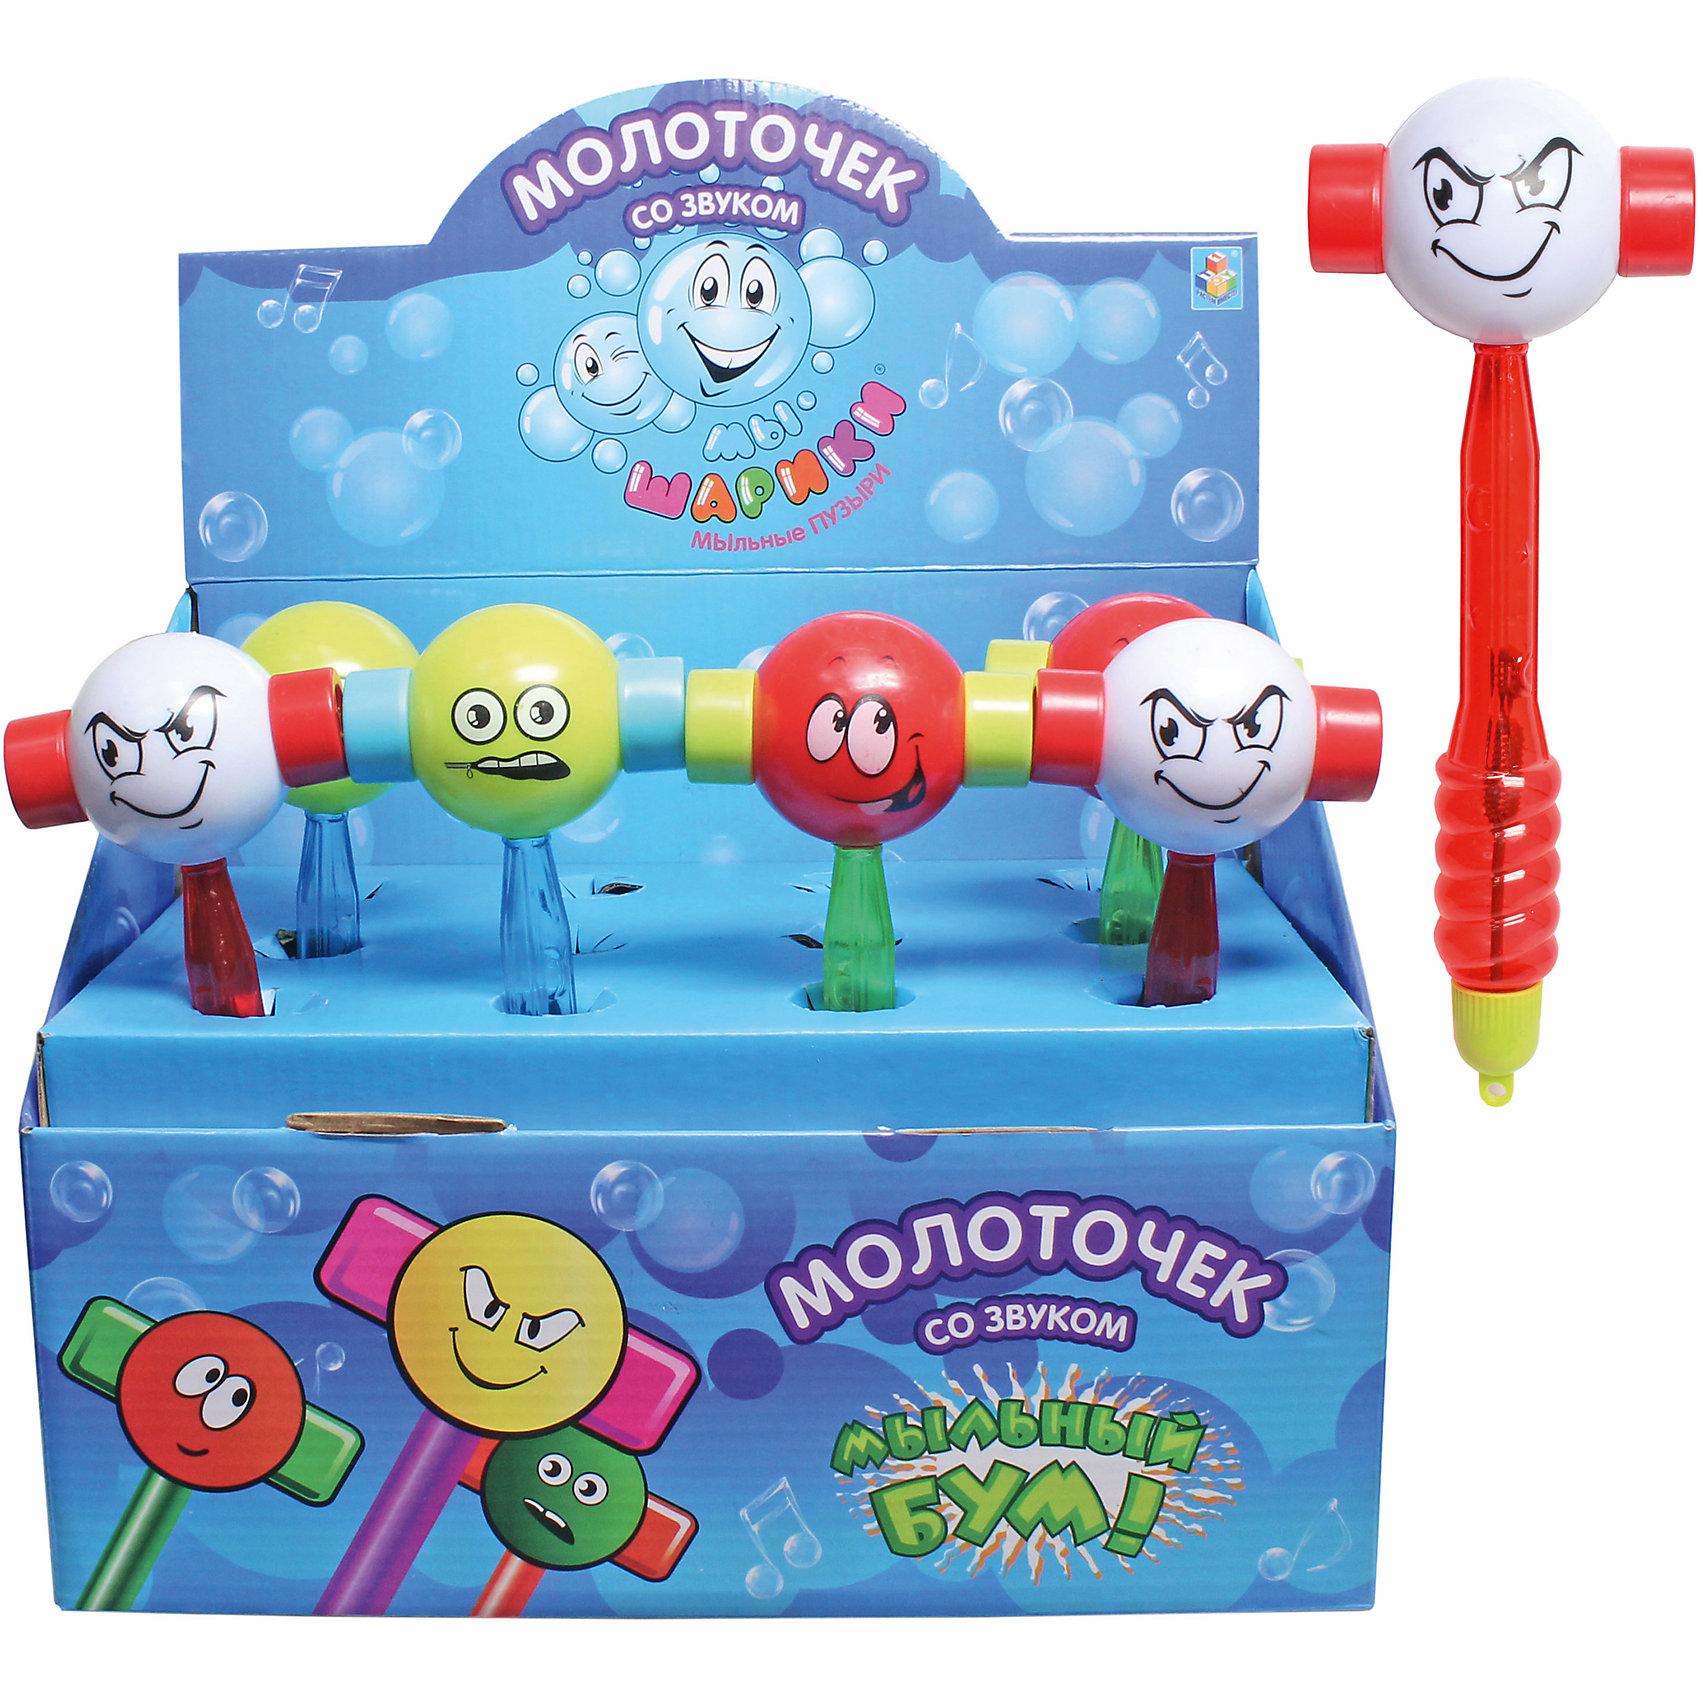 Мыльные пузыри Мы-шарики! Молоточек, с игрушкой, 30мл. , 1ToyМыльные пузыри<br>1toy мыл.пуз.Мы-шарики! с игрушкой, Молоточек 30мл. в д/б<br><br>Ширина мм: 80<br>Глубина мм: 50<br>Высота мм: 80<br>Вес г: 94<br>Возраст от месяцев: 36<br>Возраст до месяцев: 192<br>Пол: Унисекс<br>Возраст: Детский<br>SKU: 5519372